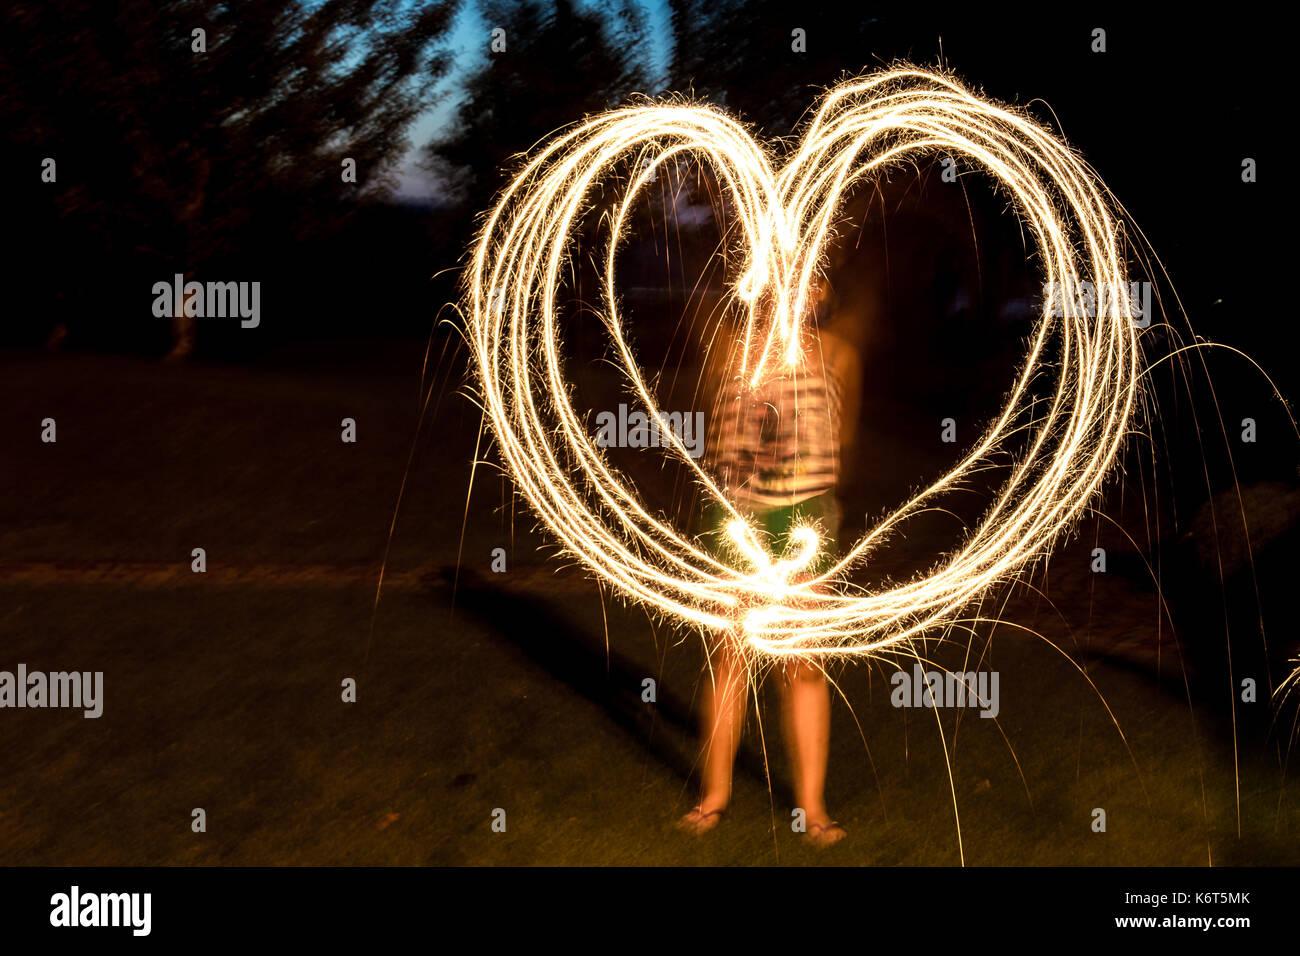 Une fille de coeur irrégulier avec feux de Bengale sparks. arrière-plan flou Banque D'Images